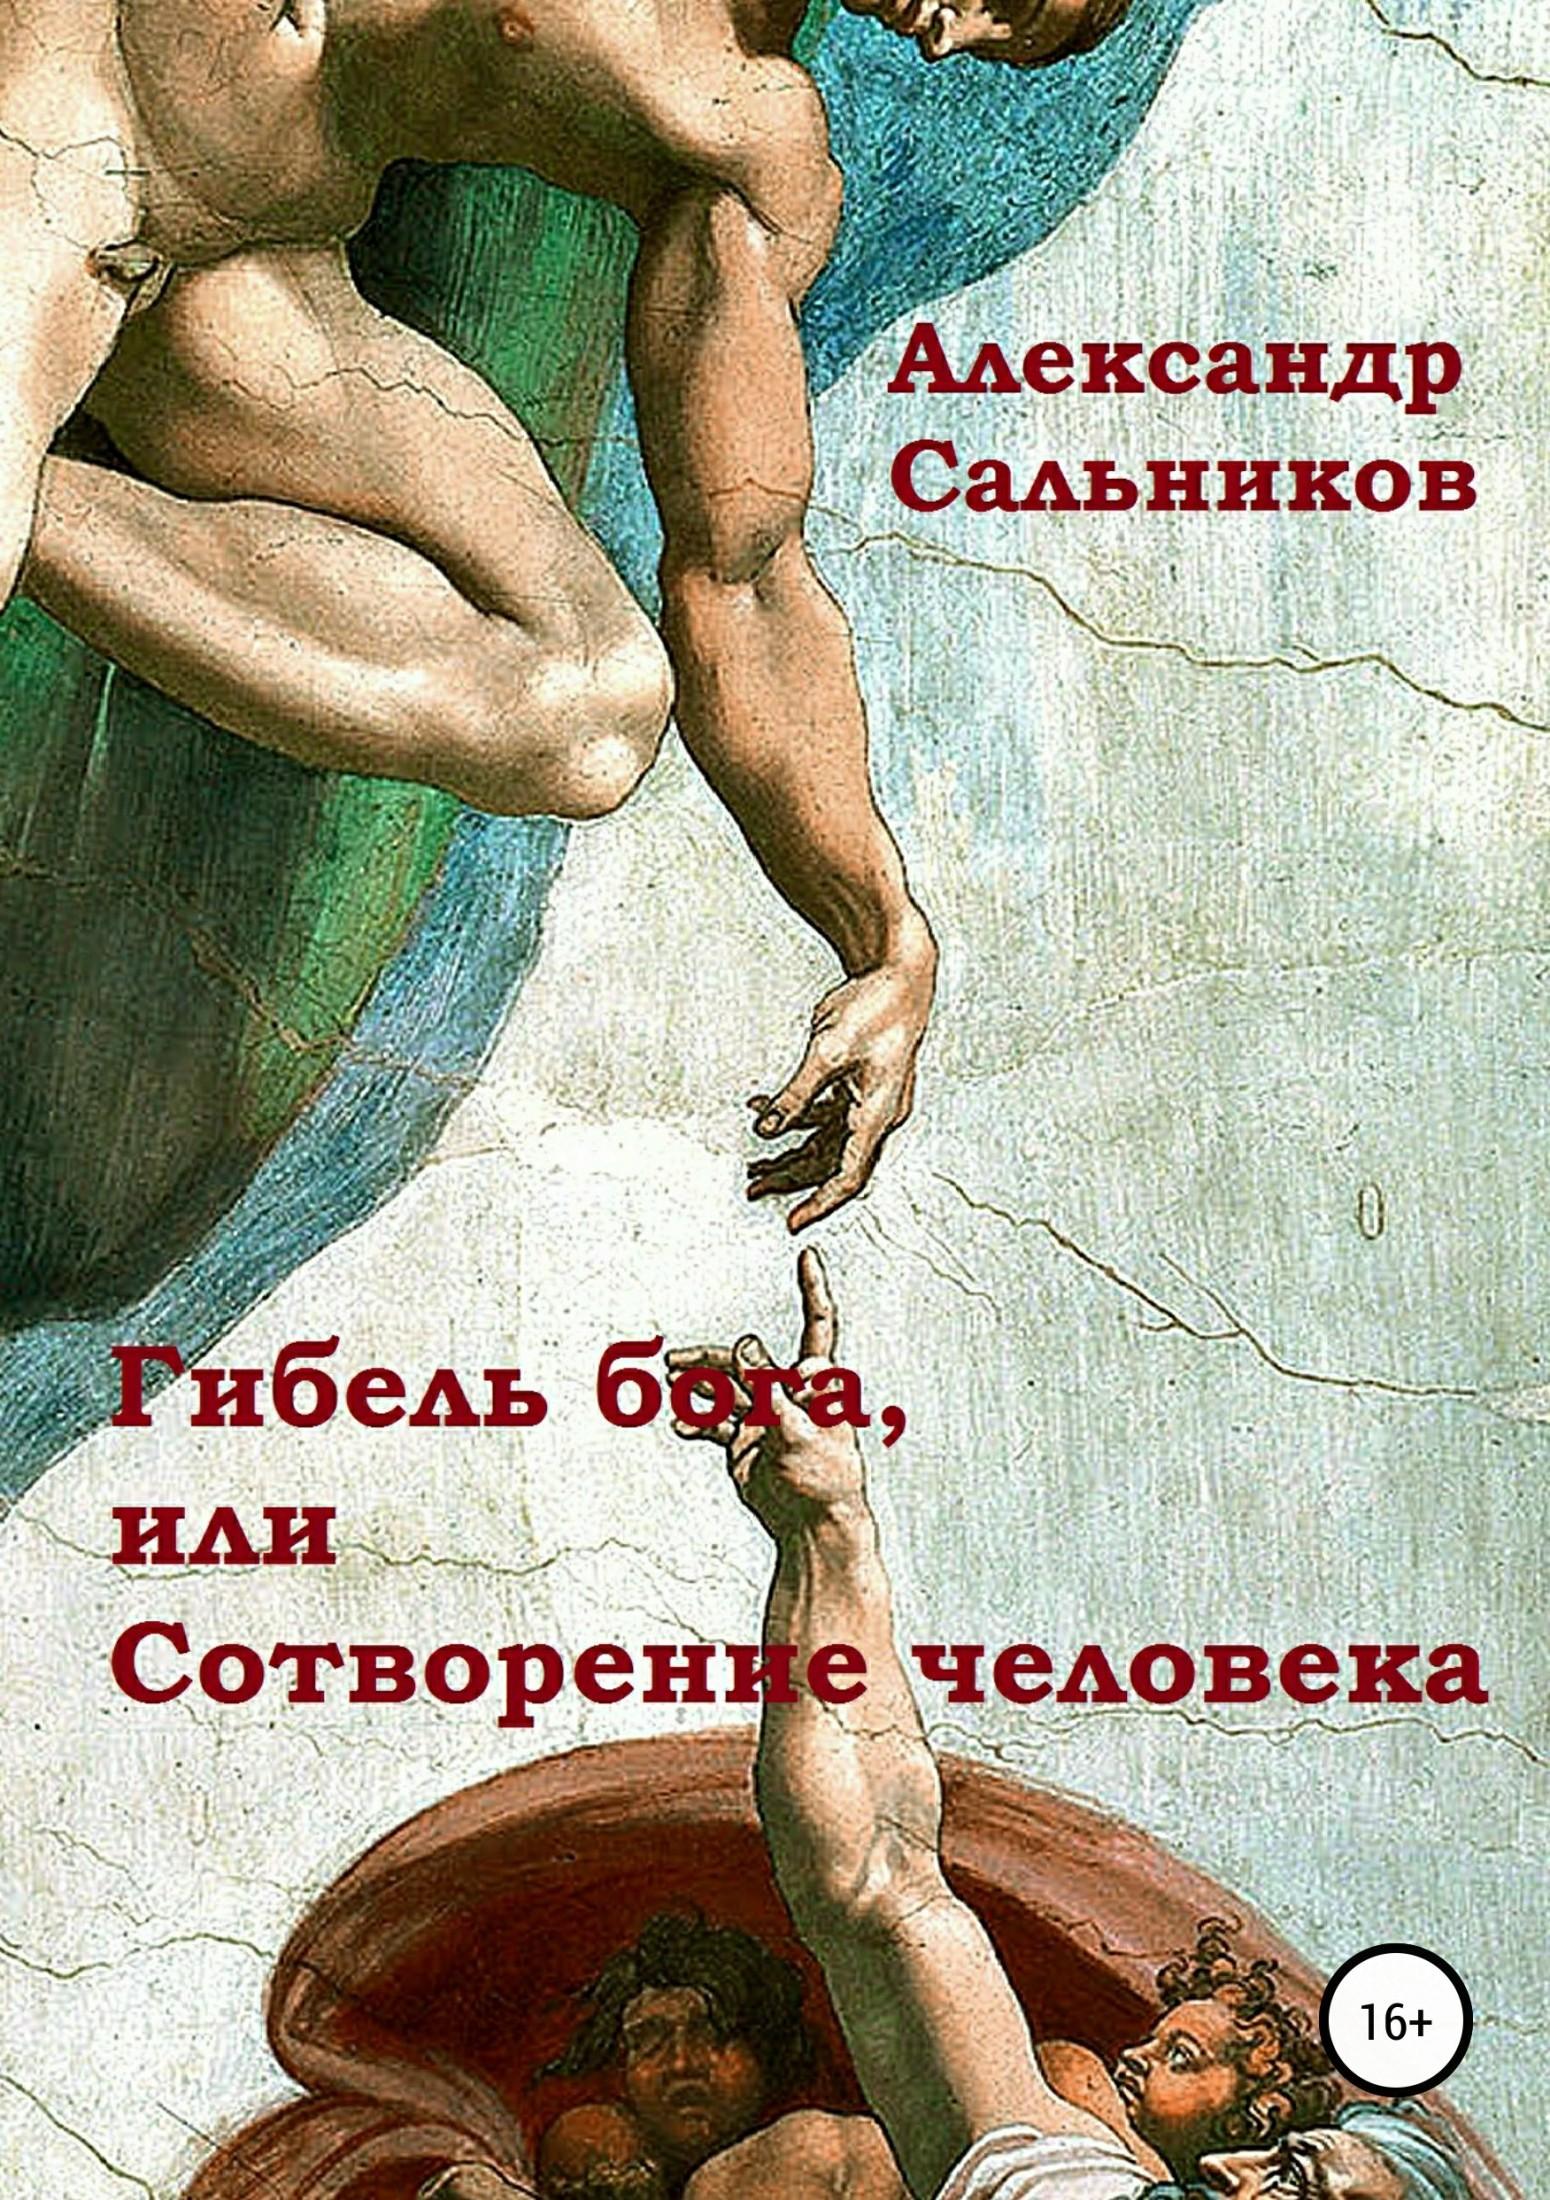 Александр Аркадьевич Сальников Гибель бога, или Сотворение человека александр аркадьевич сальников шарьинские зори лирика